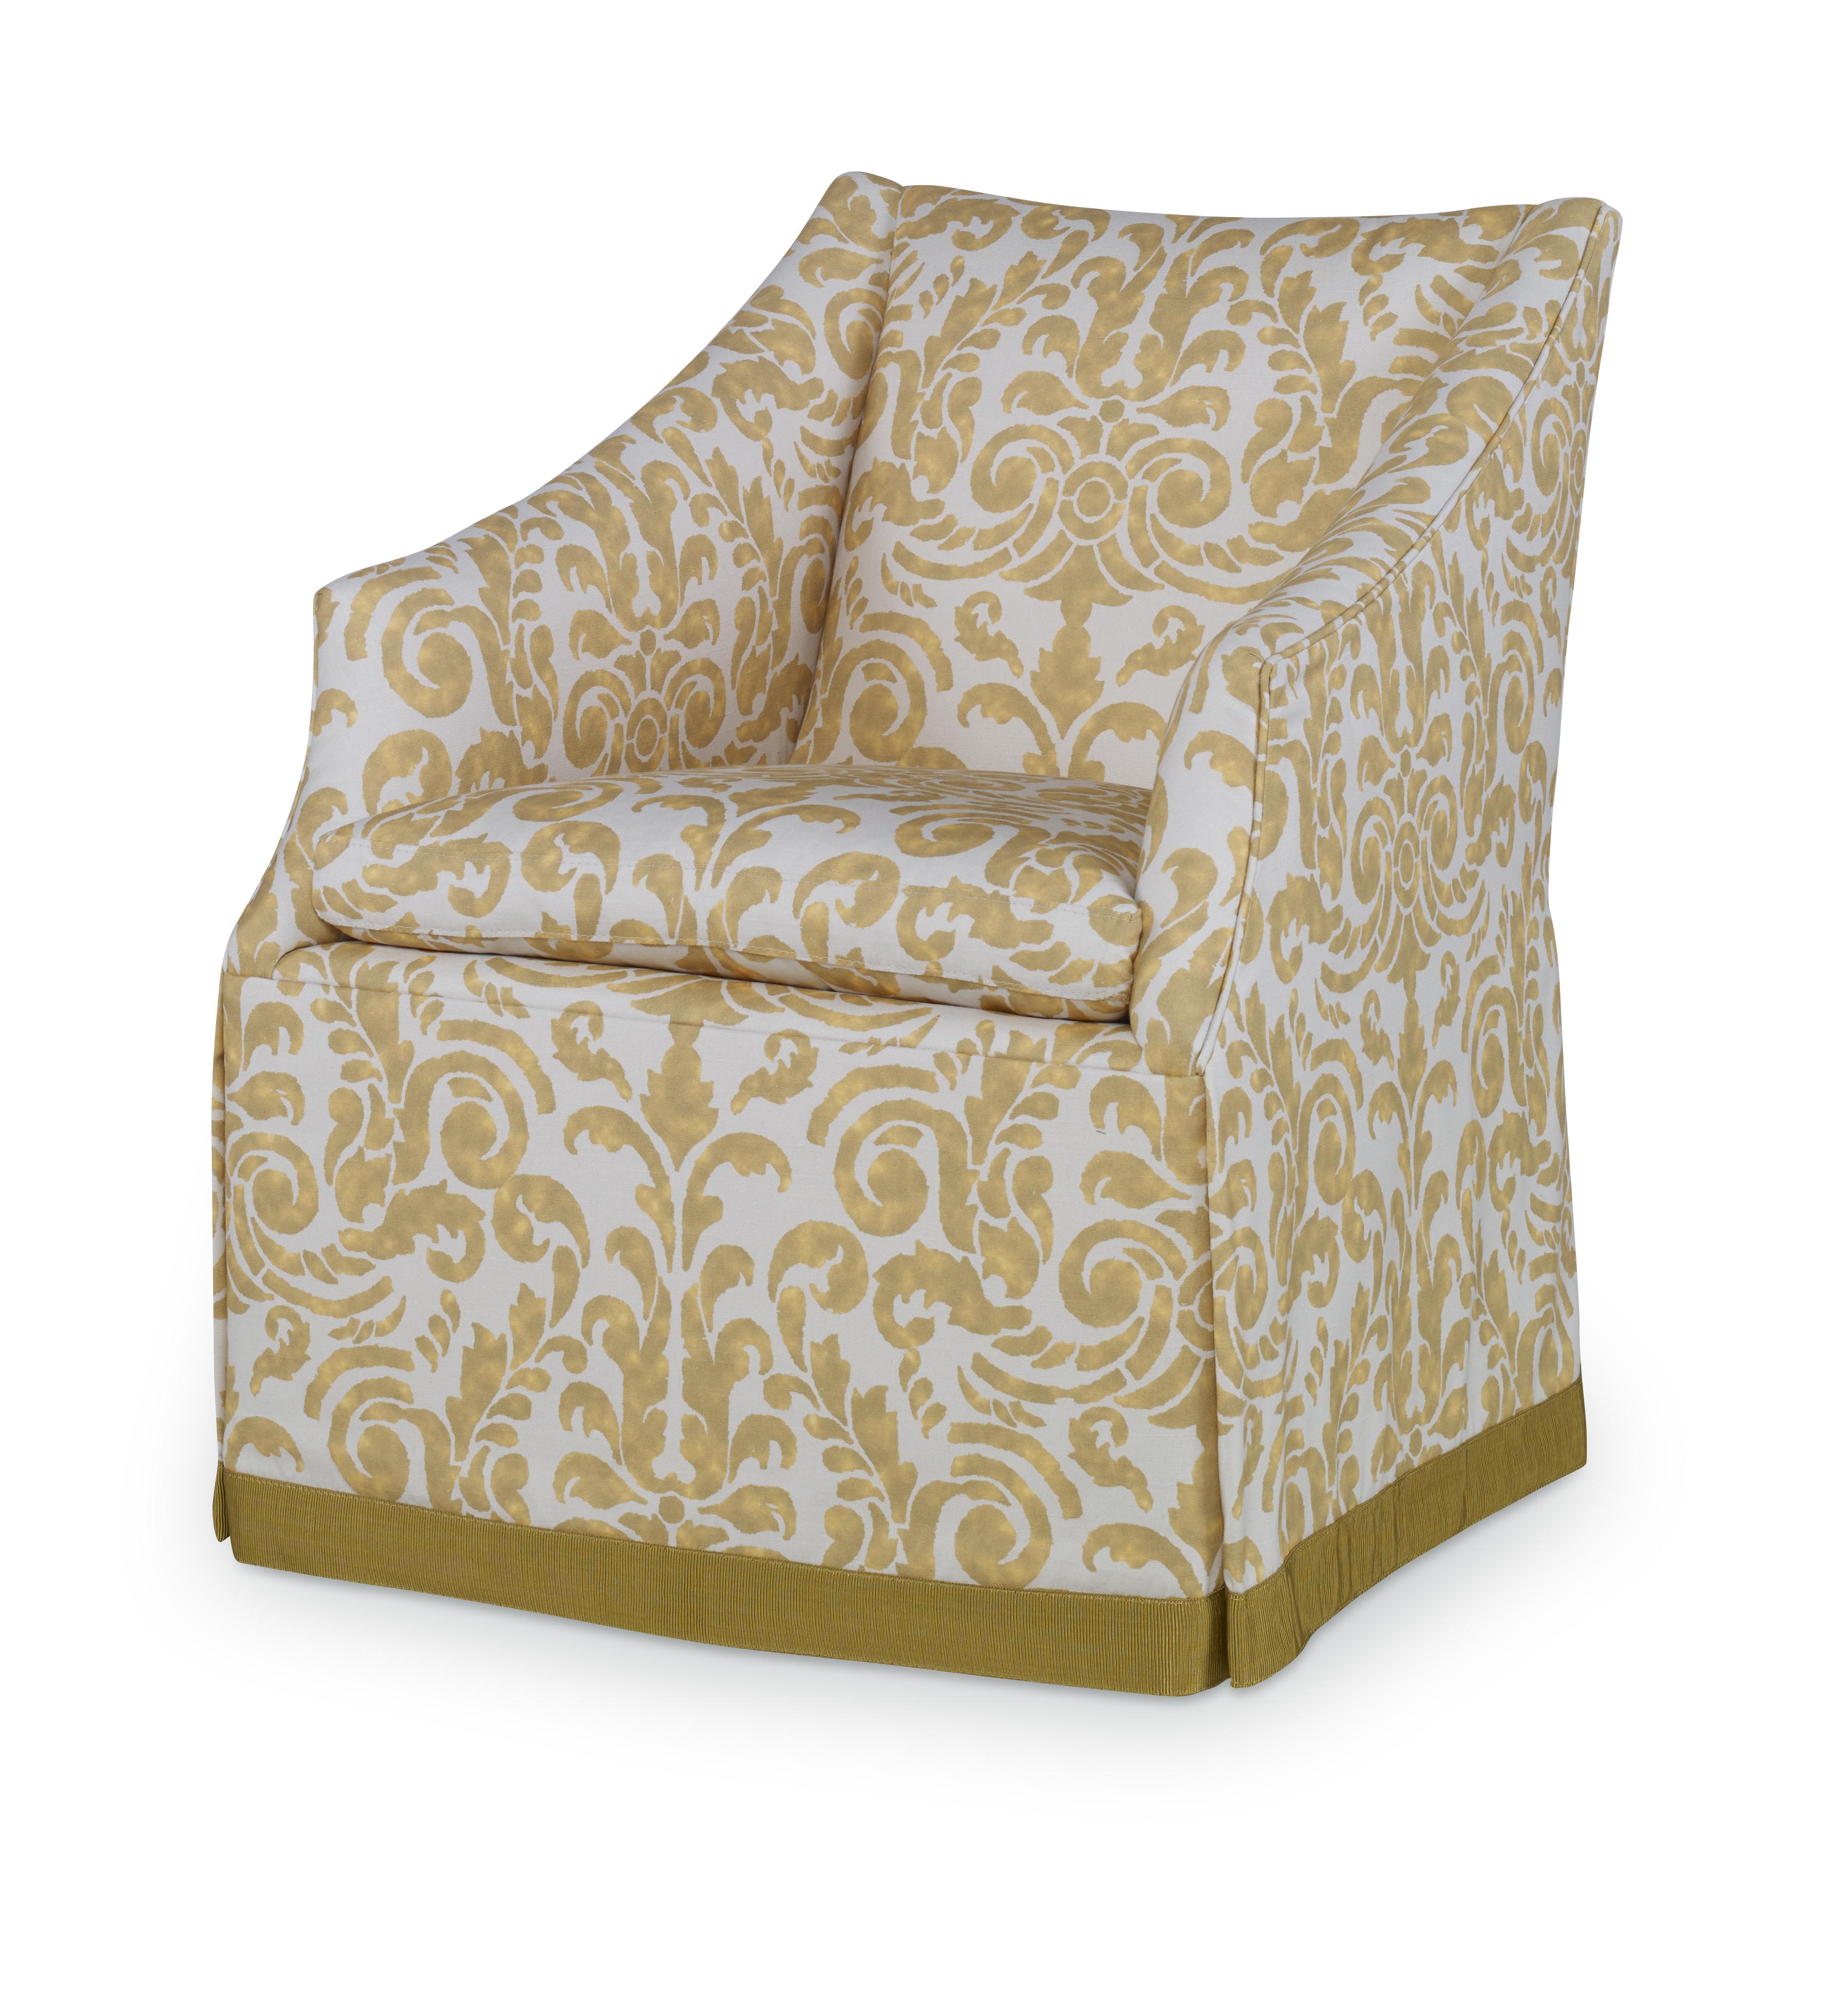 Century Furniture Brienne chair